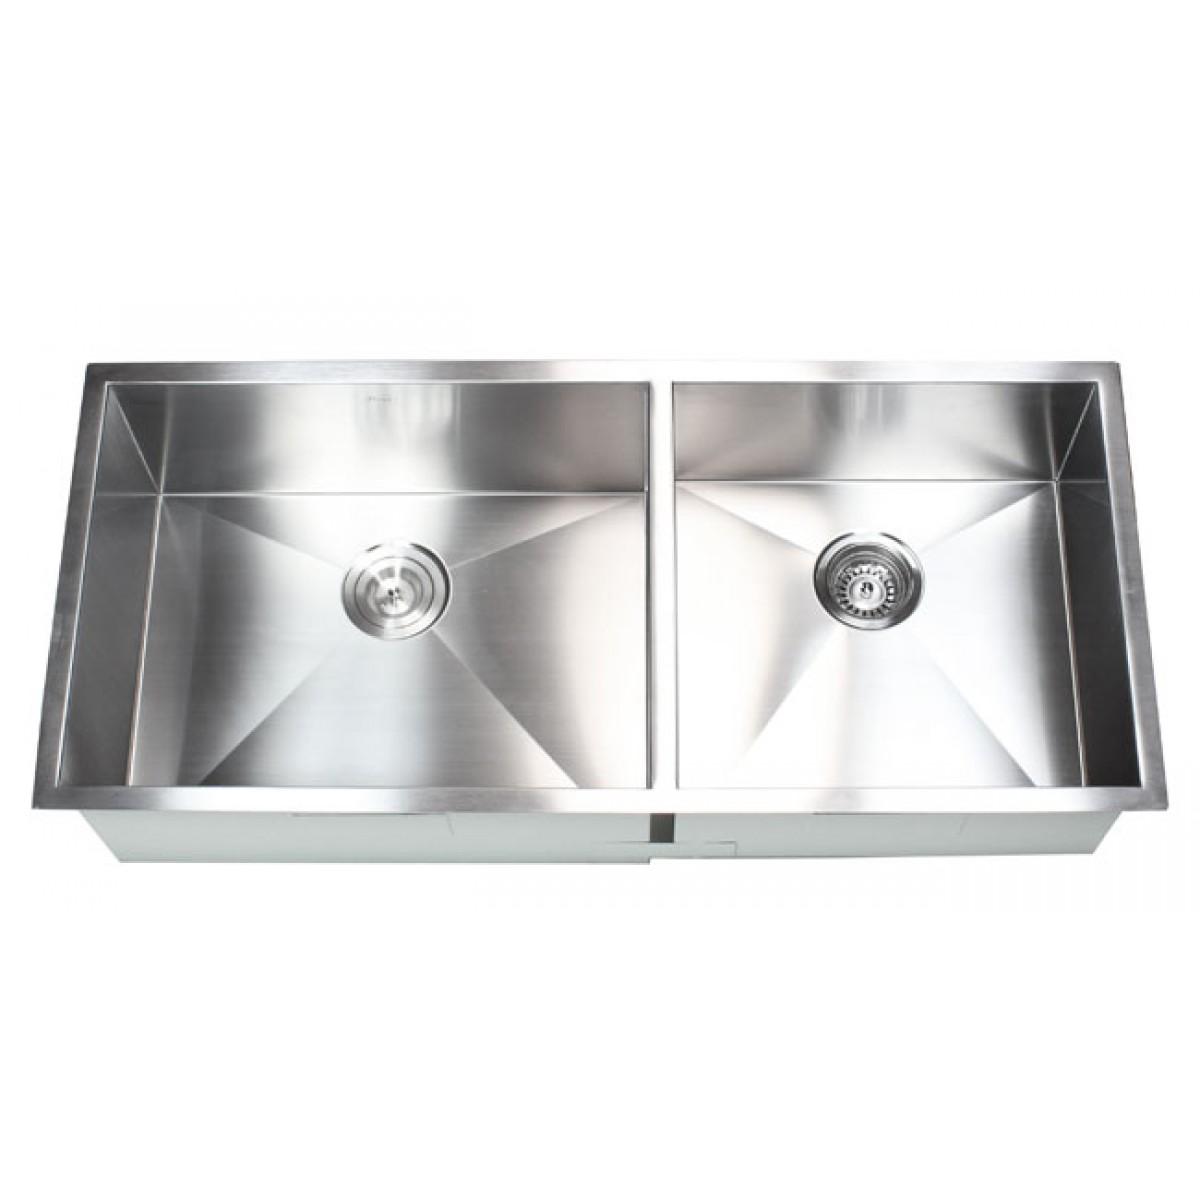 42 Inch Stainless Steel Undermount 60/40 Double Bowl Kitchen Sink Zero ...